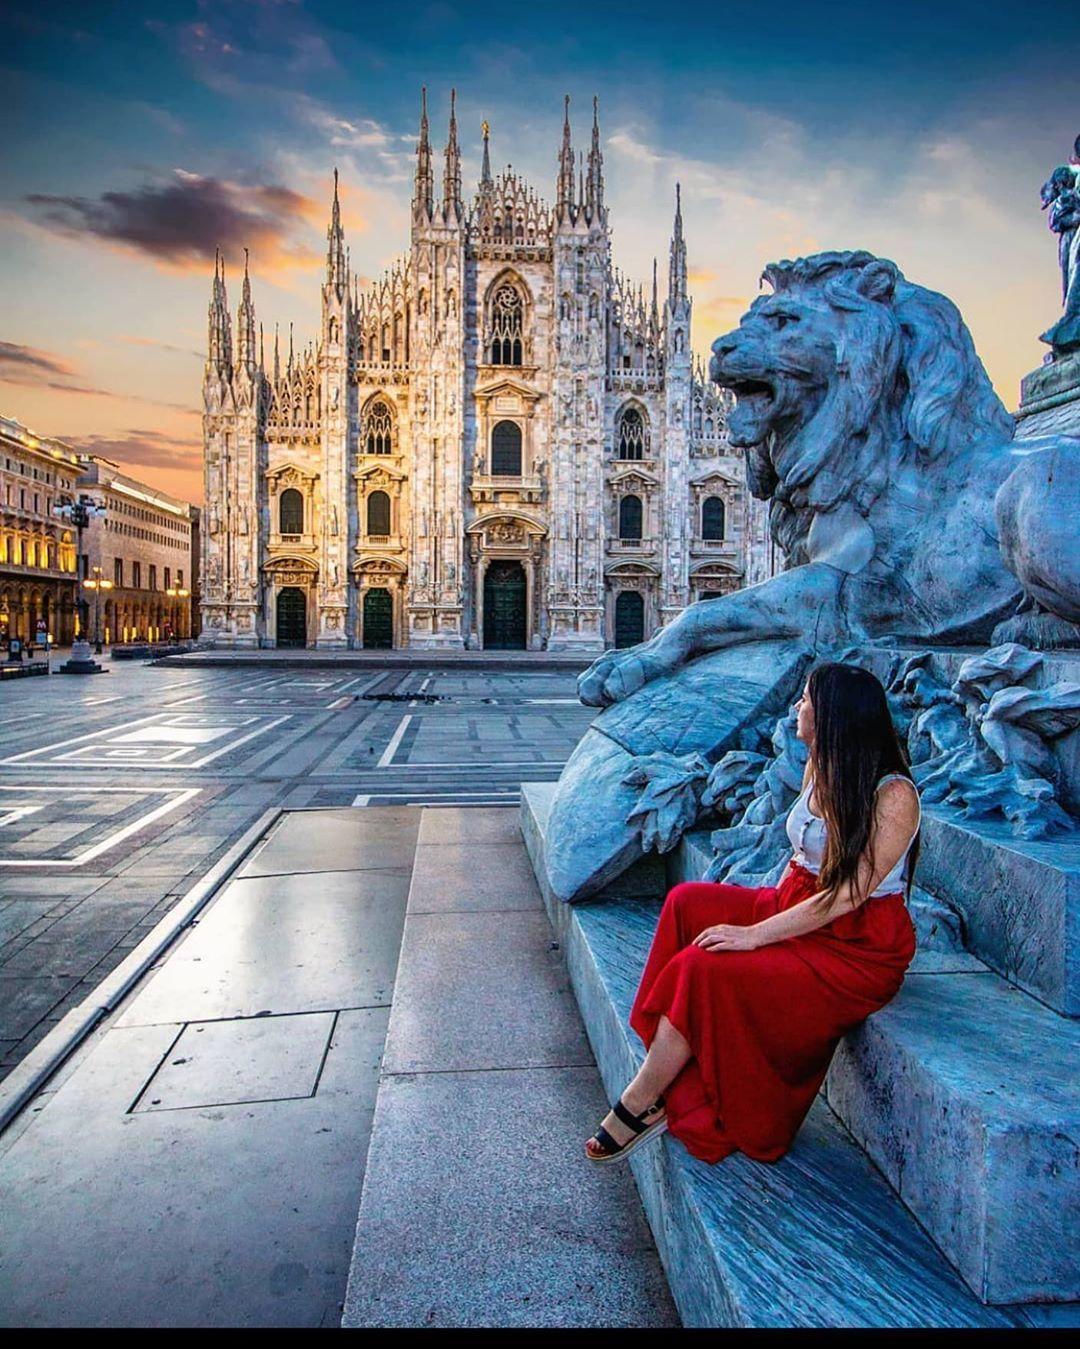 """MILANO 🇮🇹 FOLLOW on Instagram: """"Aspettando l'alba in Duomo! . . . 📸 @ournextflight  . . . #milano_go #milano🇮🇹 #duomomilano #alba #agosto2020 #domenicamattina…"""""""